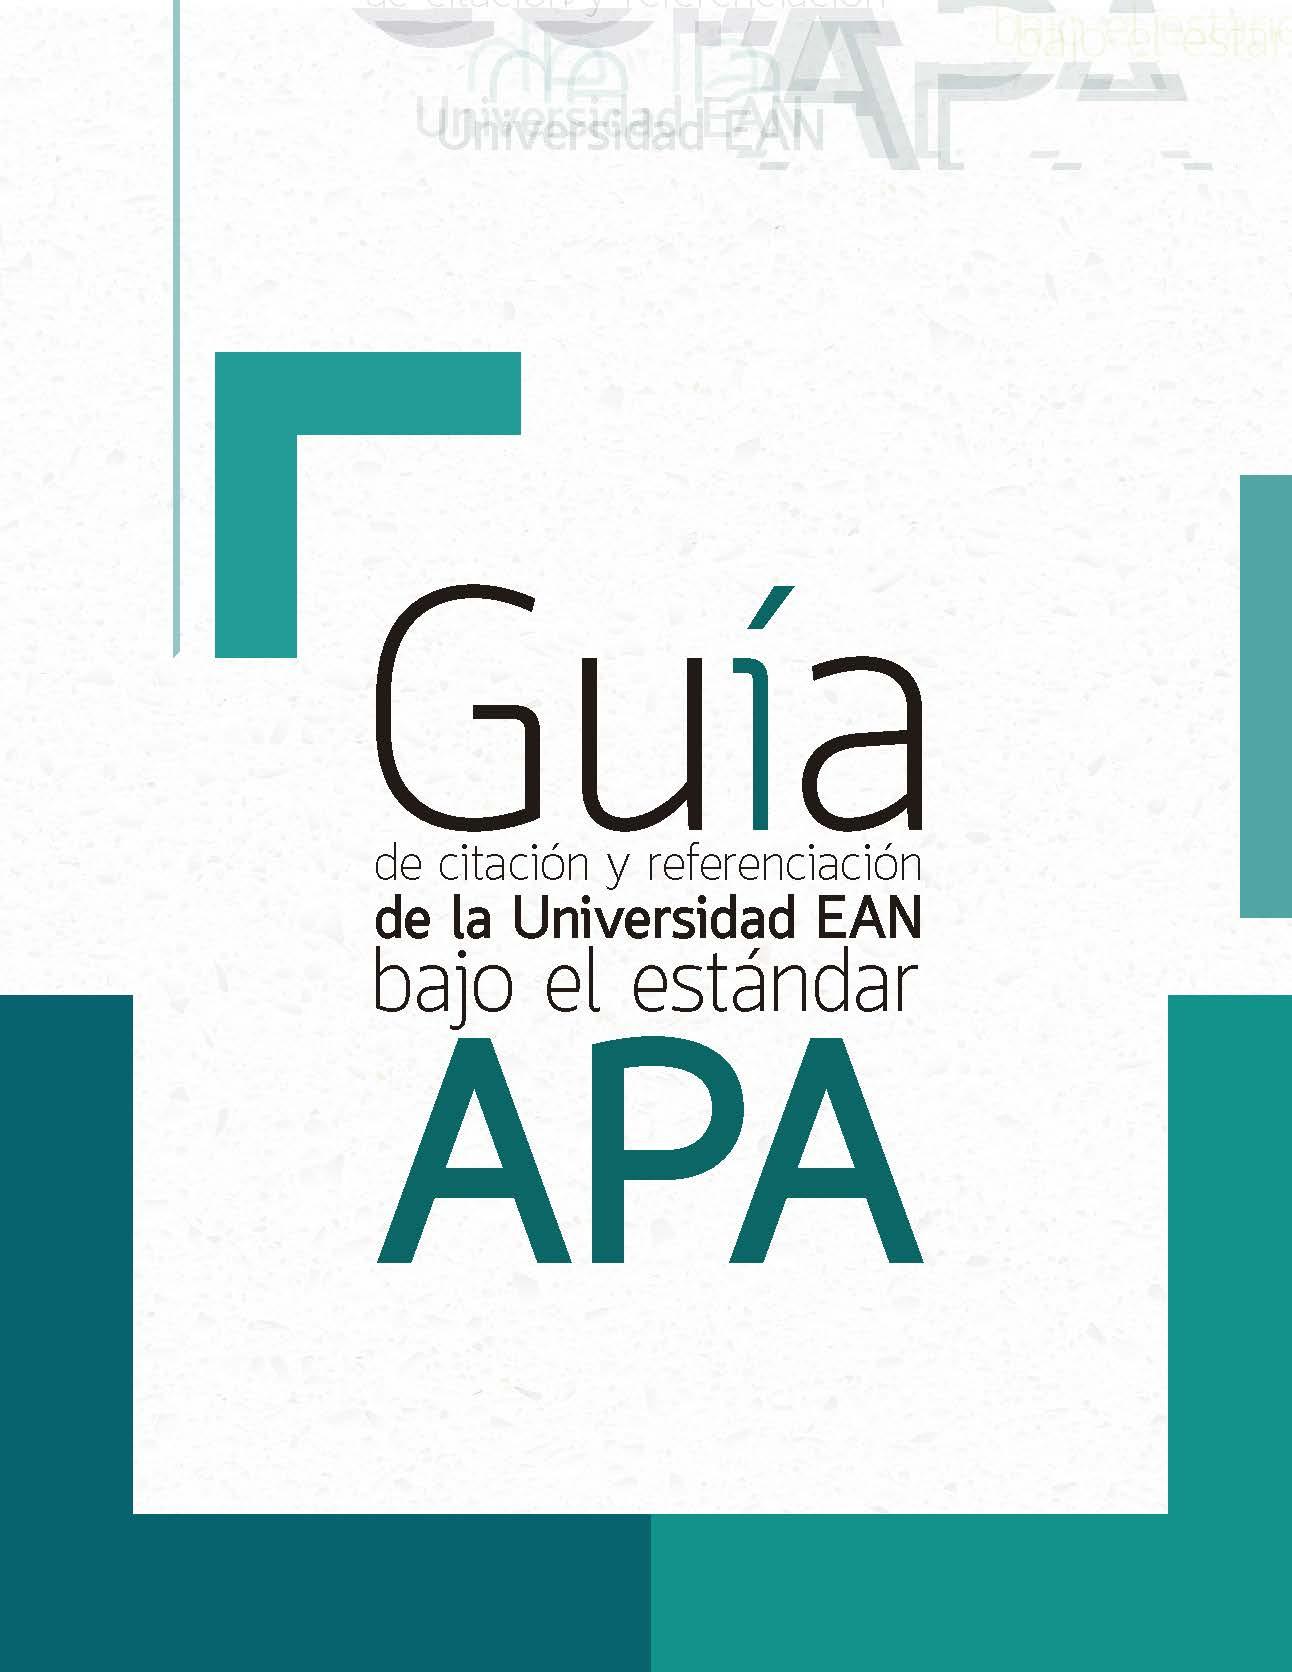 Guía de citación y referenciación de la Universidad EAN bajo el estándar APA